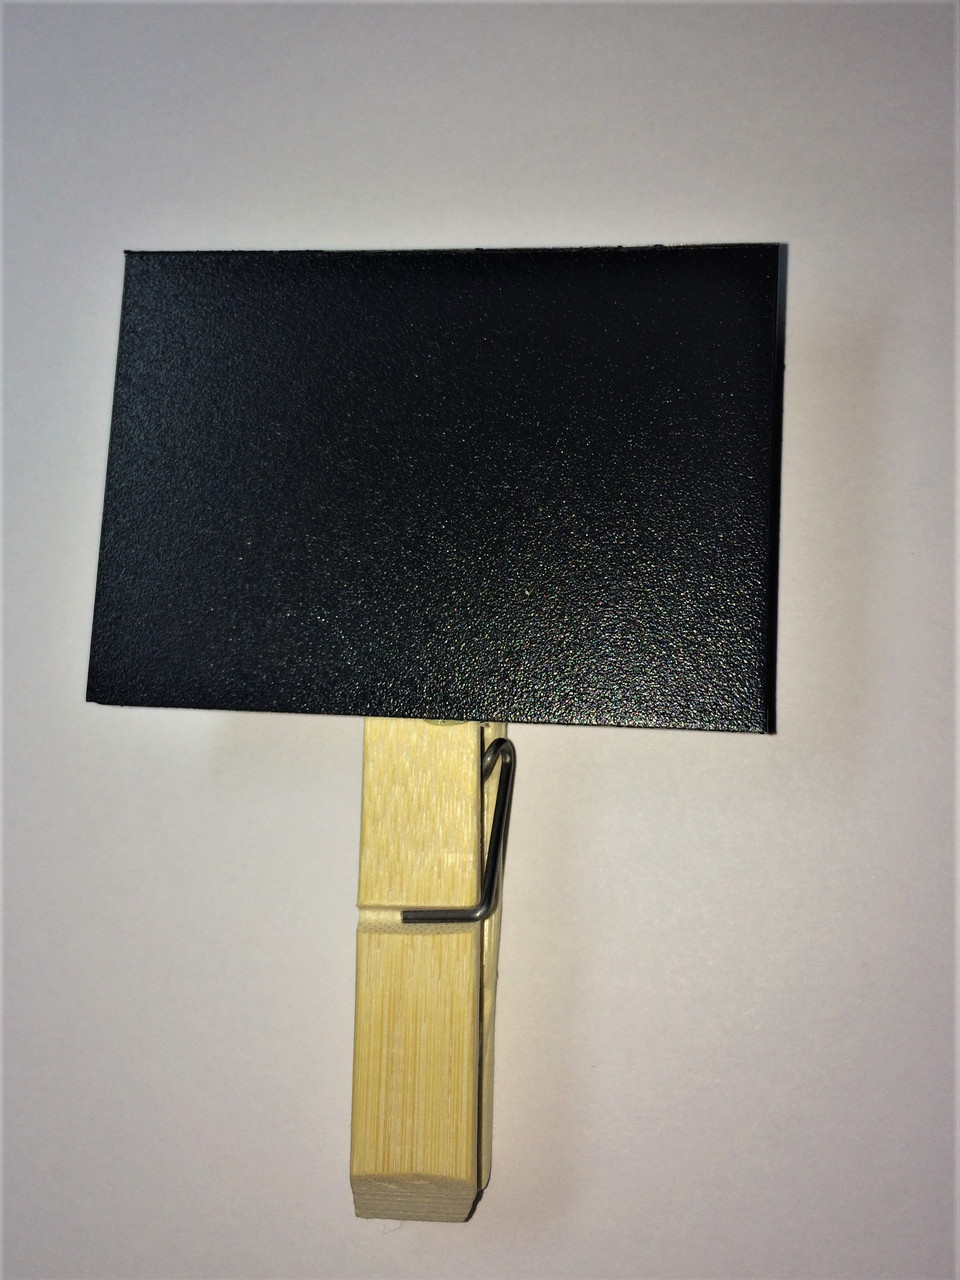 Ценник меловой 5х7 см с прищепкой держателем (Комплект 100 шт) Грифельный. Для меля и маркера